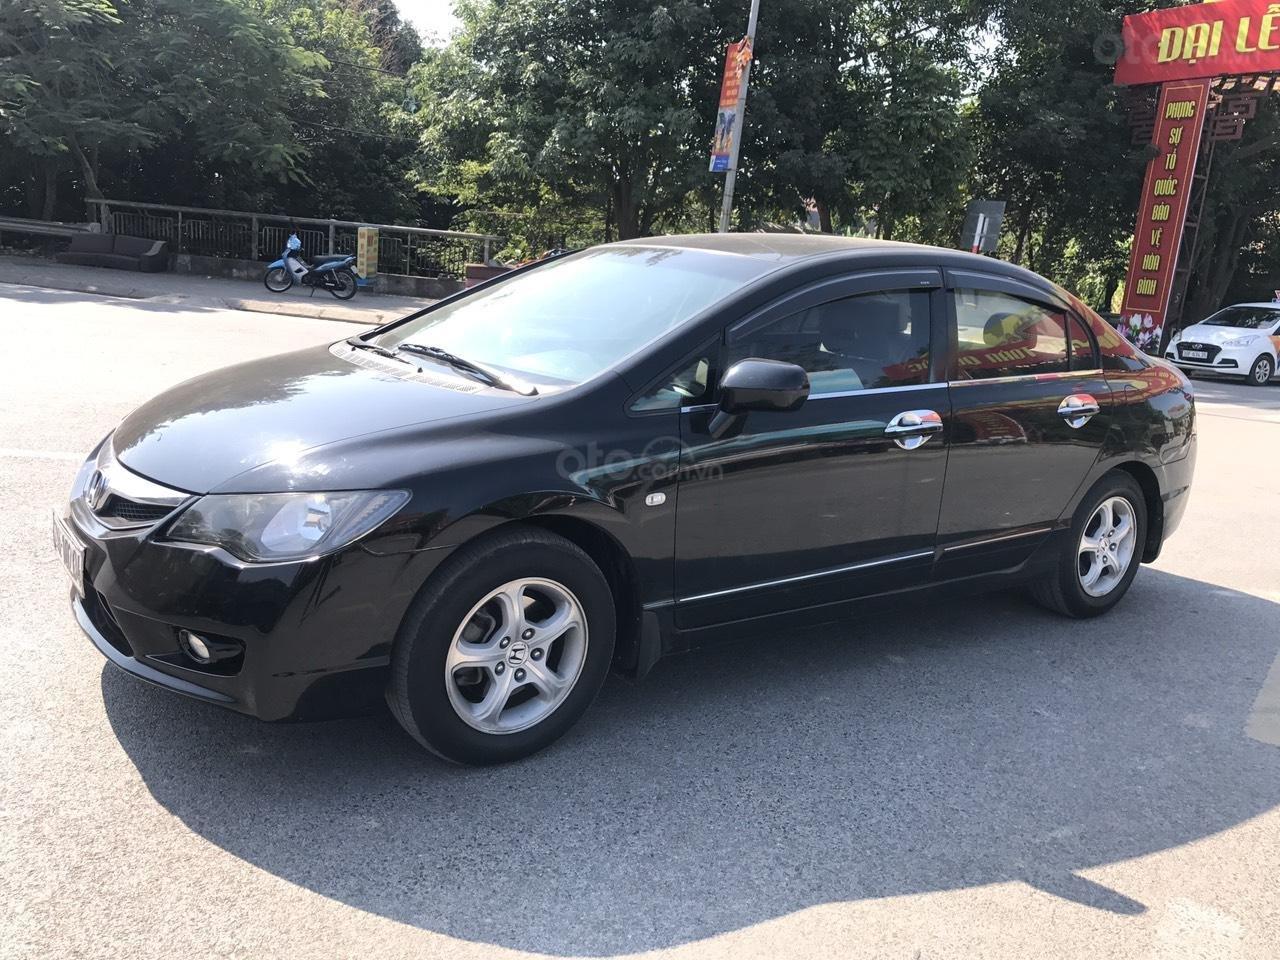 Bán xe Honda Civic 1.8 VTI AT năm sản xuất 2011, màu đen, lỗi biếu xe, mới thật (2)